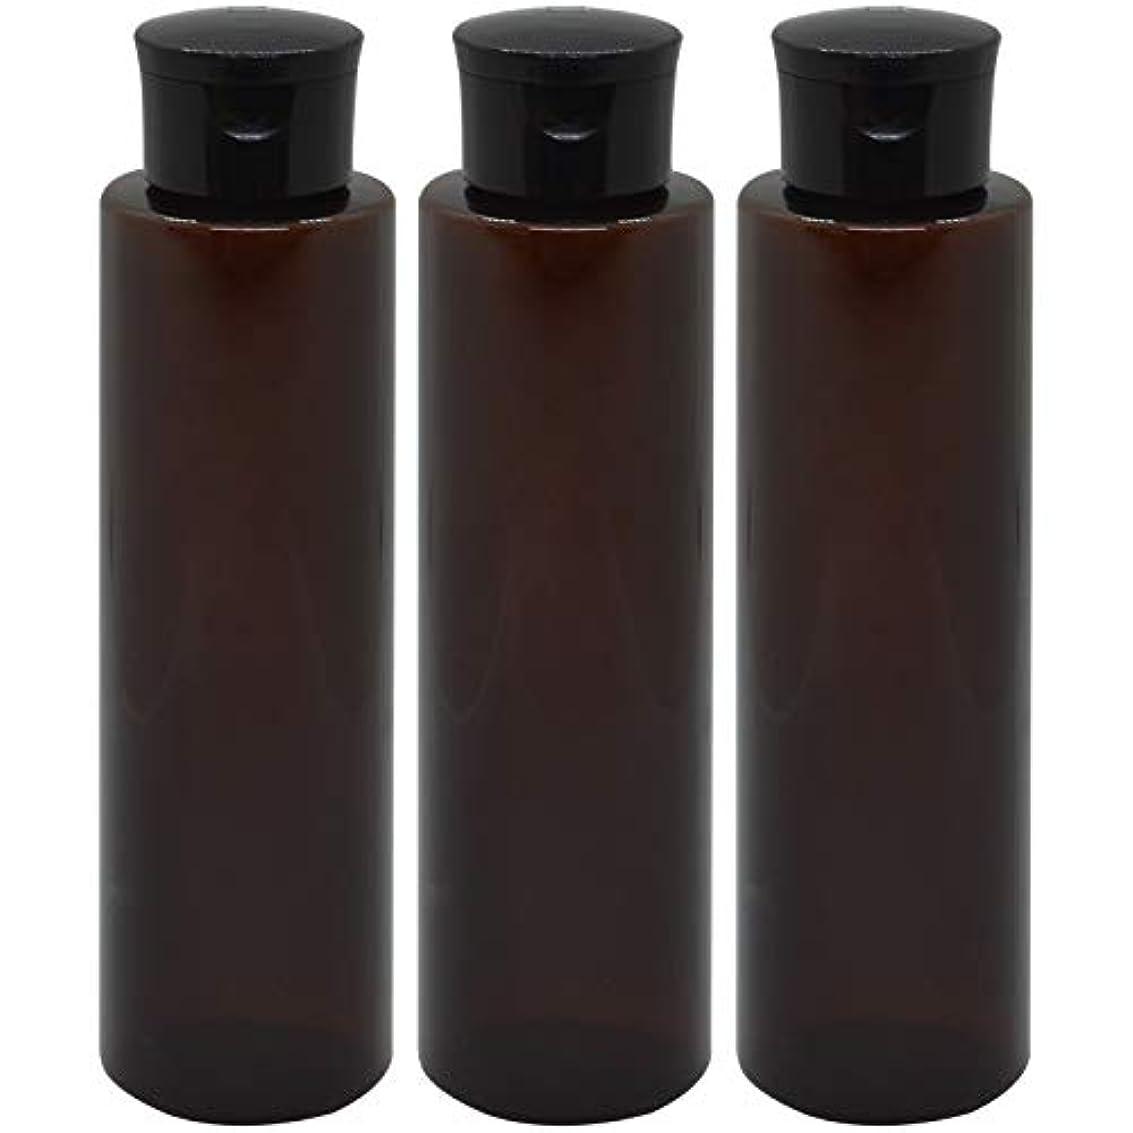 教養がある気になるデジタル日本製 化粧品詰め替えボトル 茶色 200ml 3本セット ワンタッチキャップペットボトル クリアブラウン